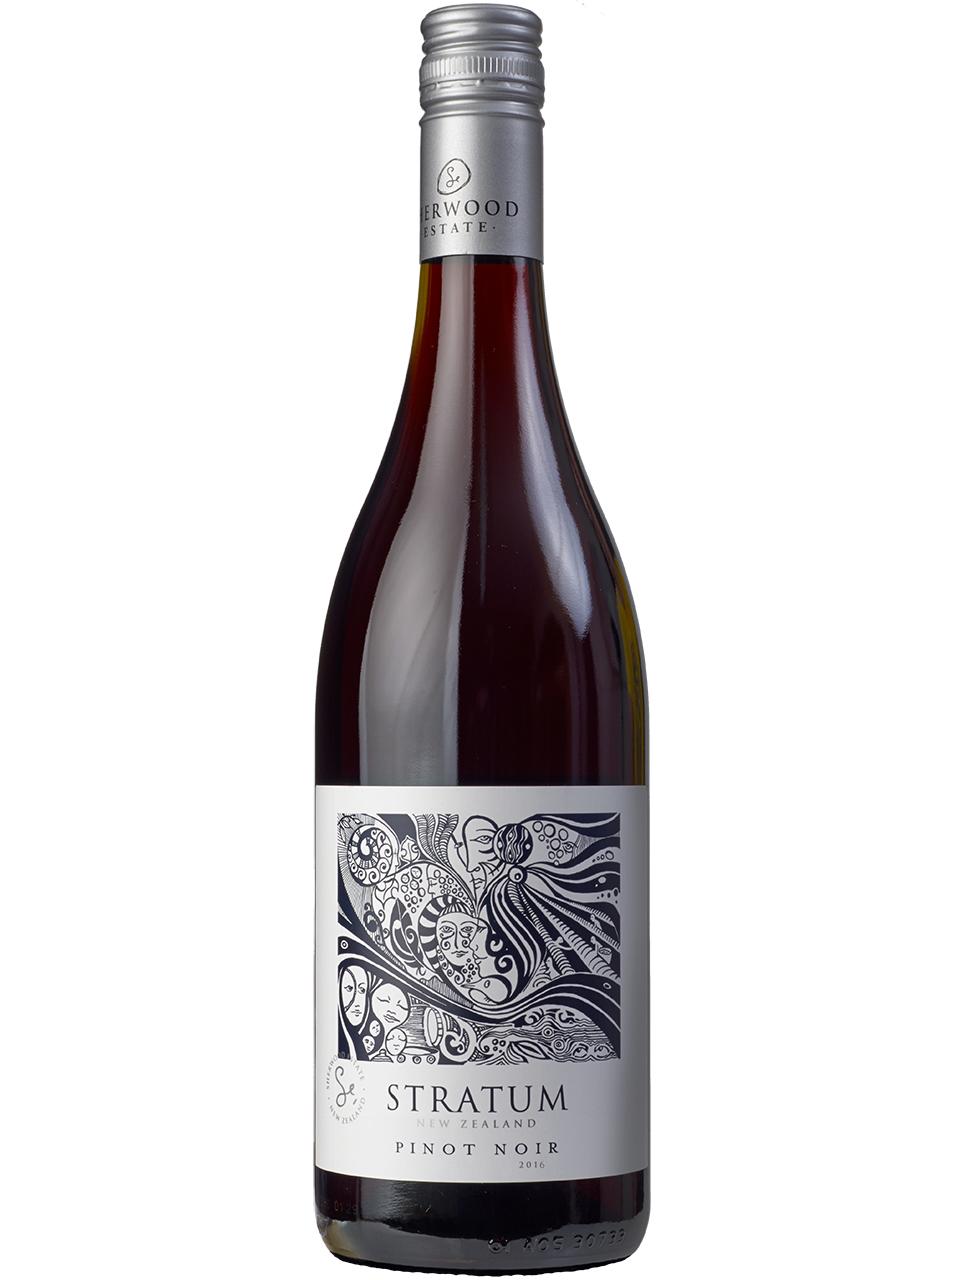 Stratum Pinot Noir